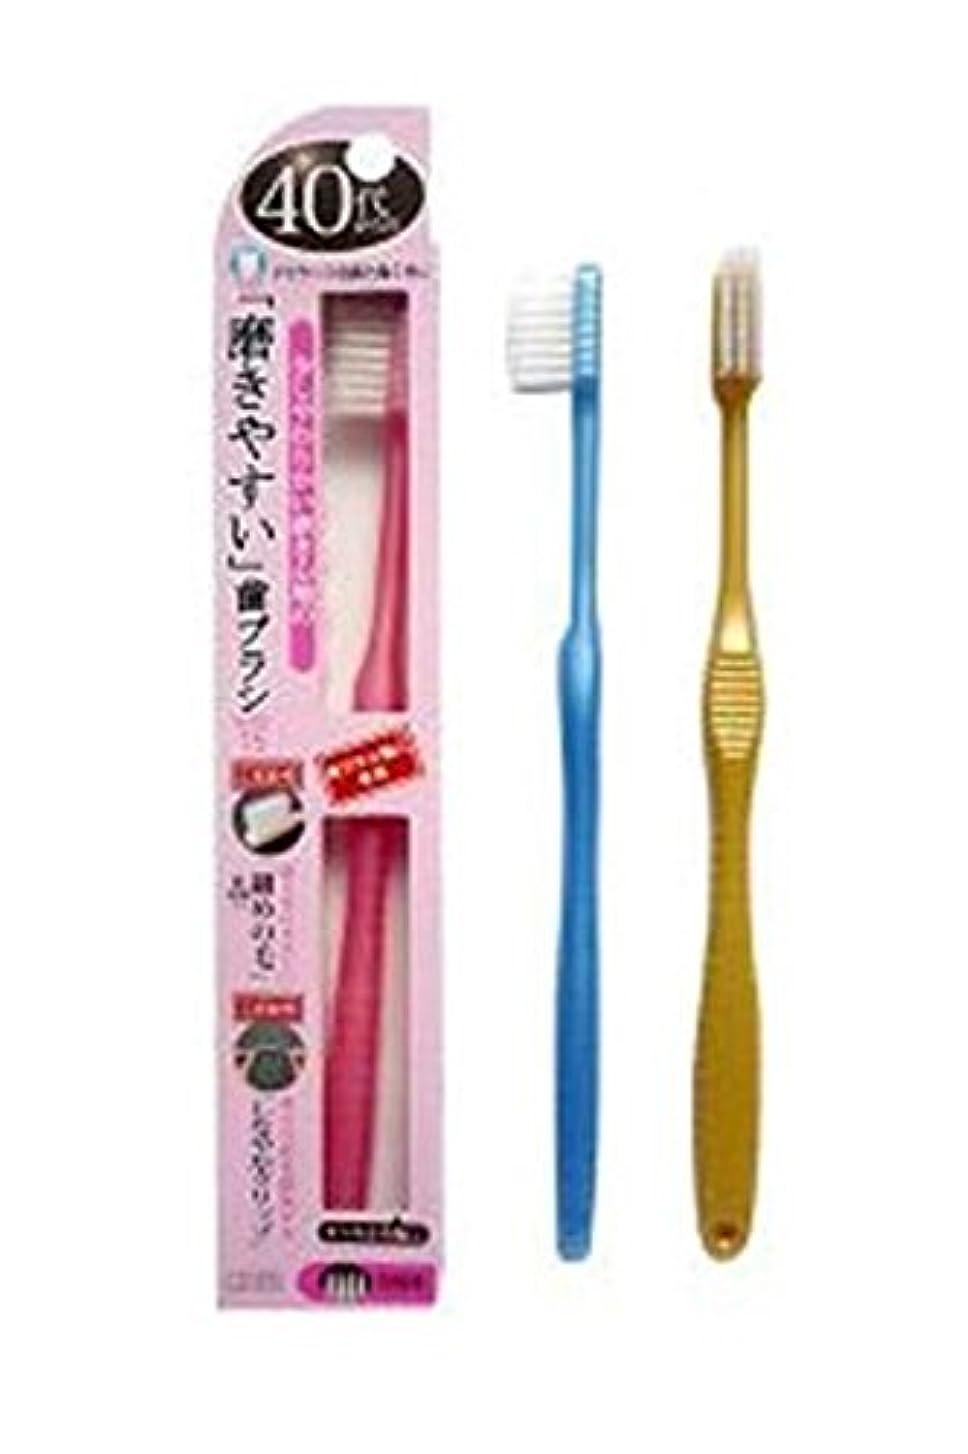 ループ公園プランテーションライフレンジ 40代からの「磨きやすい」歯ブラシ 先細 12本 (ピンク4、ブルー4、ゴールド4)アソート